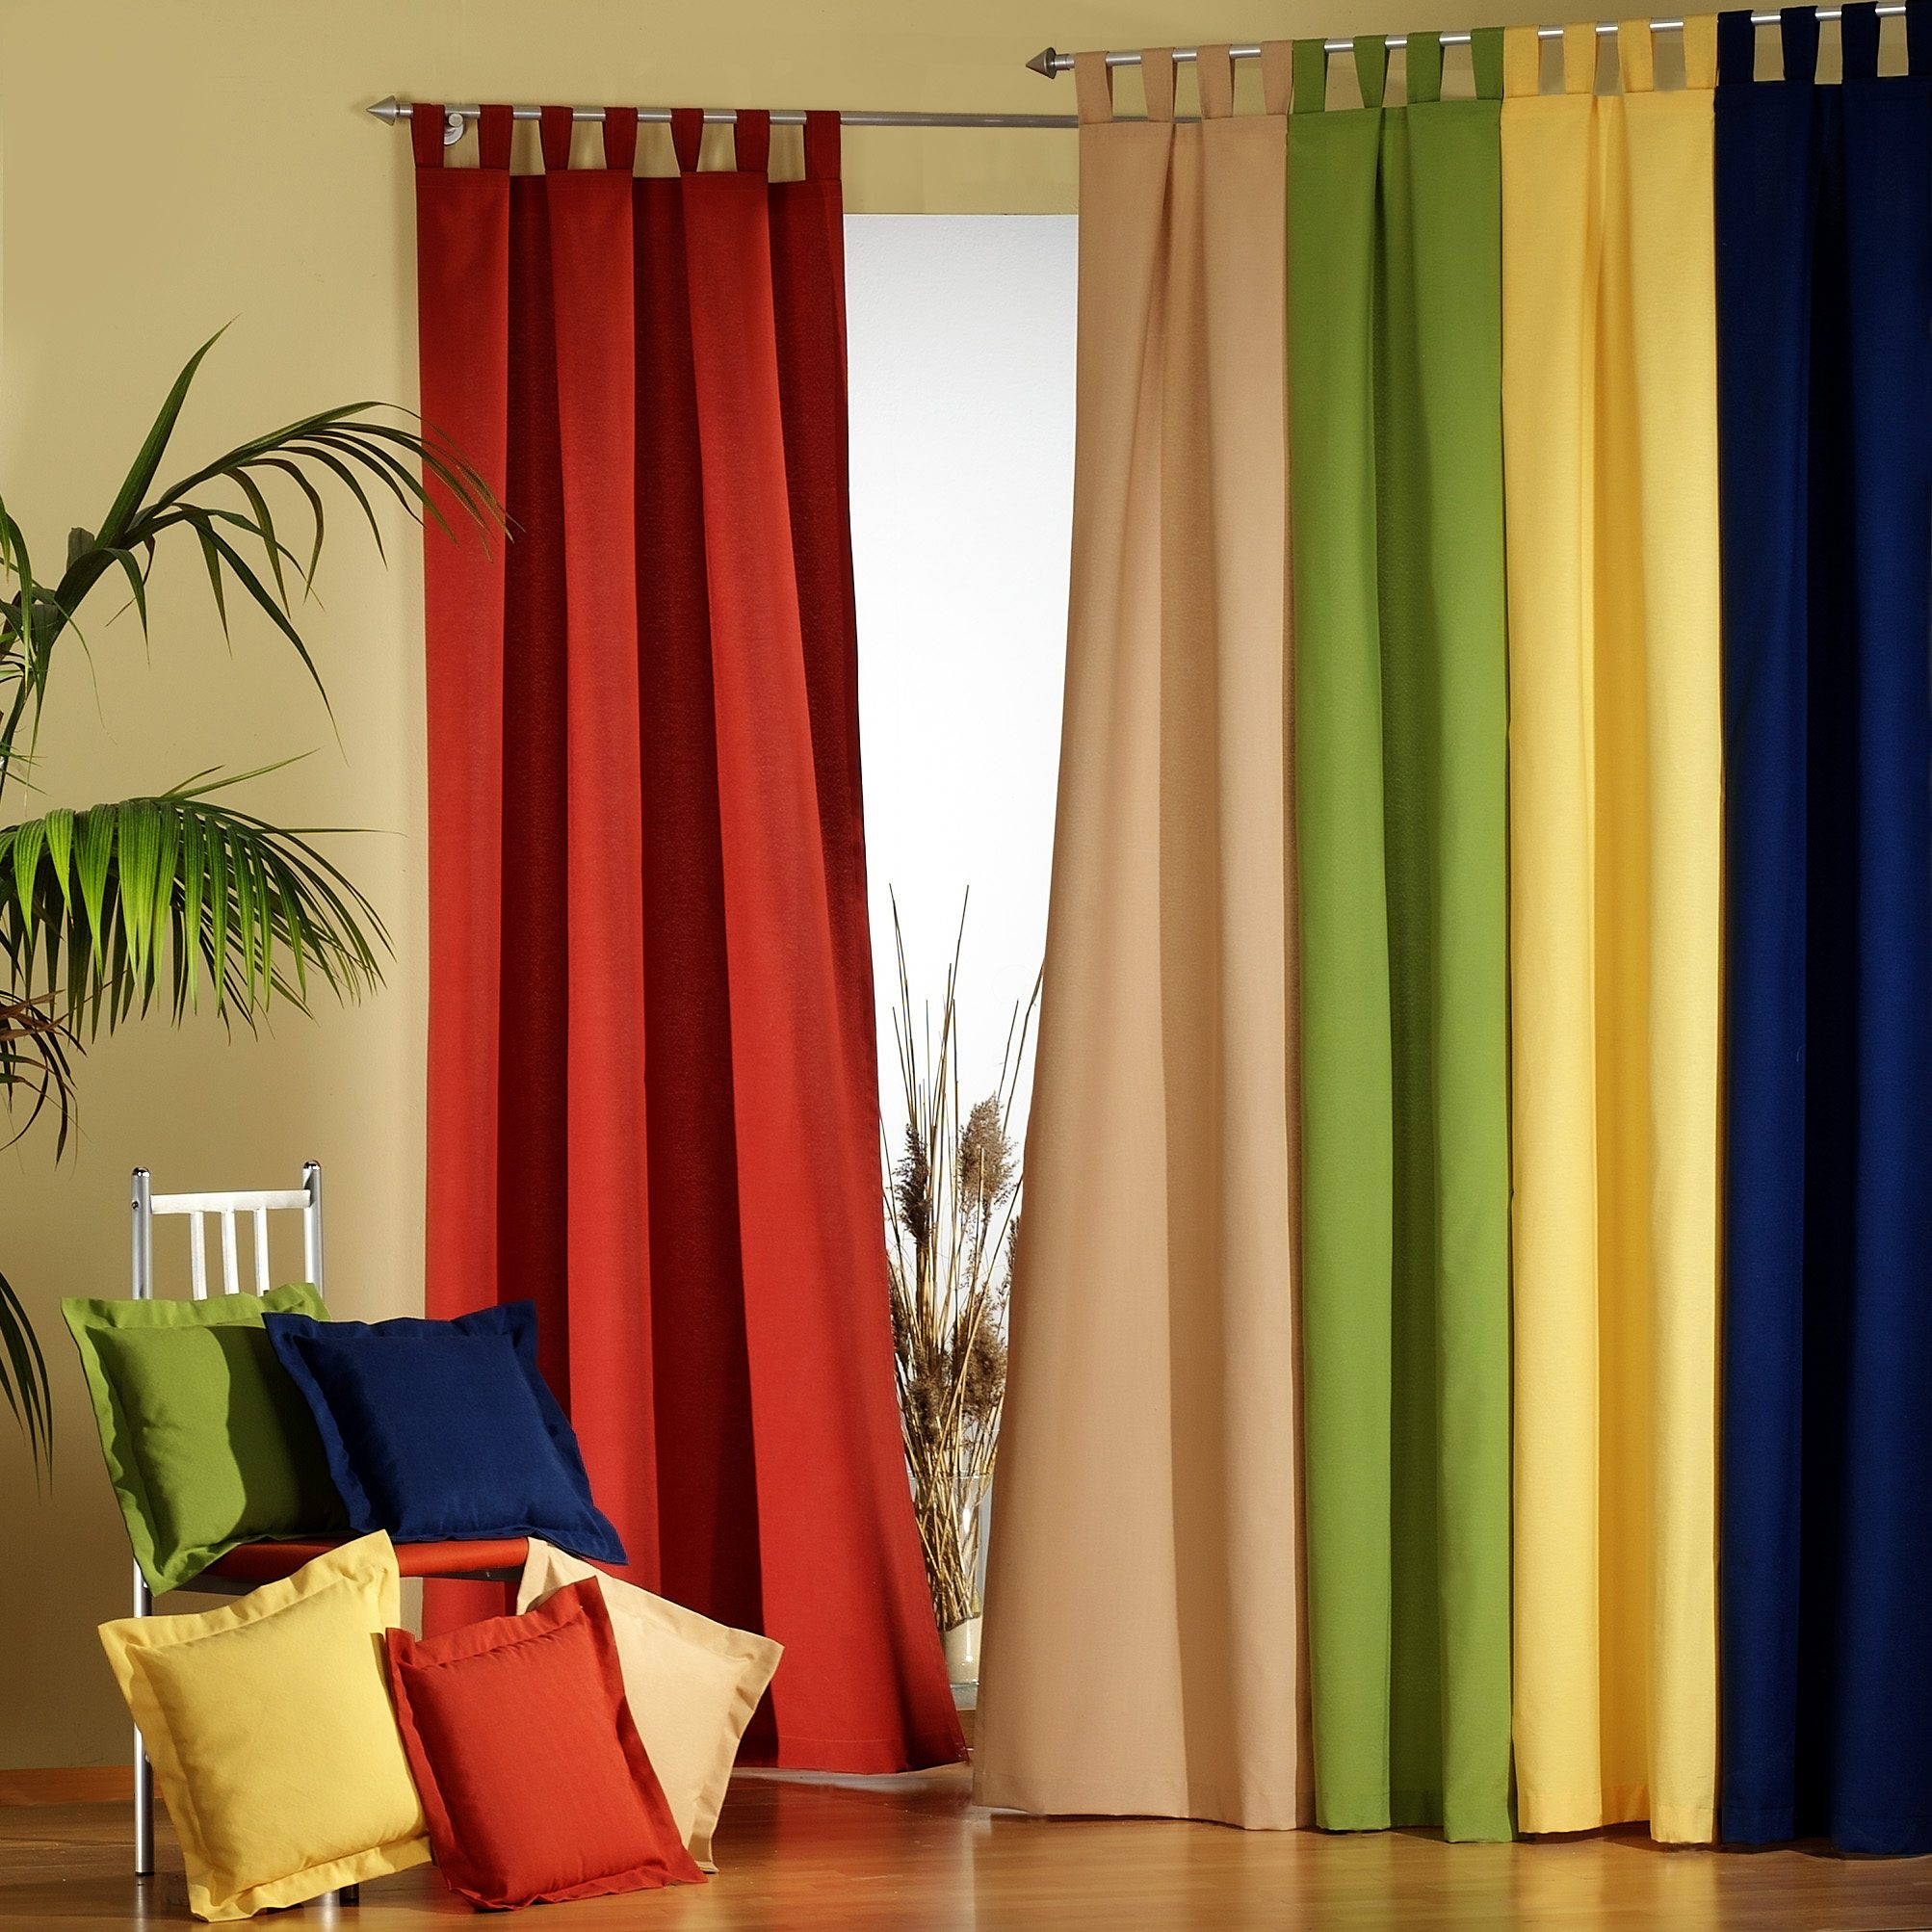 gardinen set 2 preise vergleichen und g nstig einkaufen bei der preis. Black Bedroom Furniture Sets. Home Design Ideas